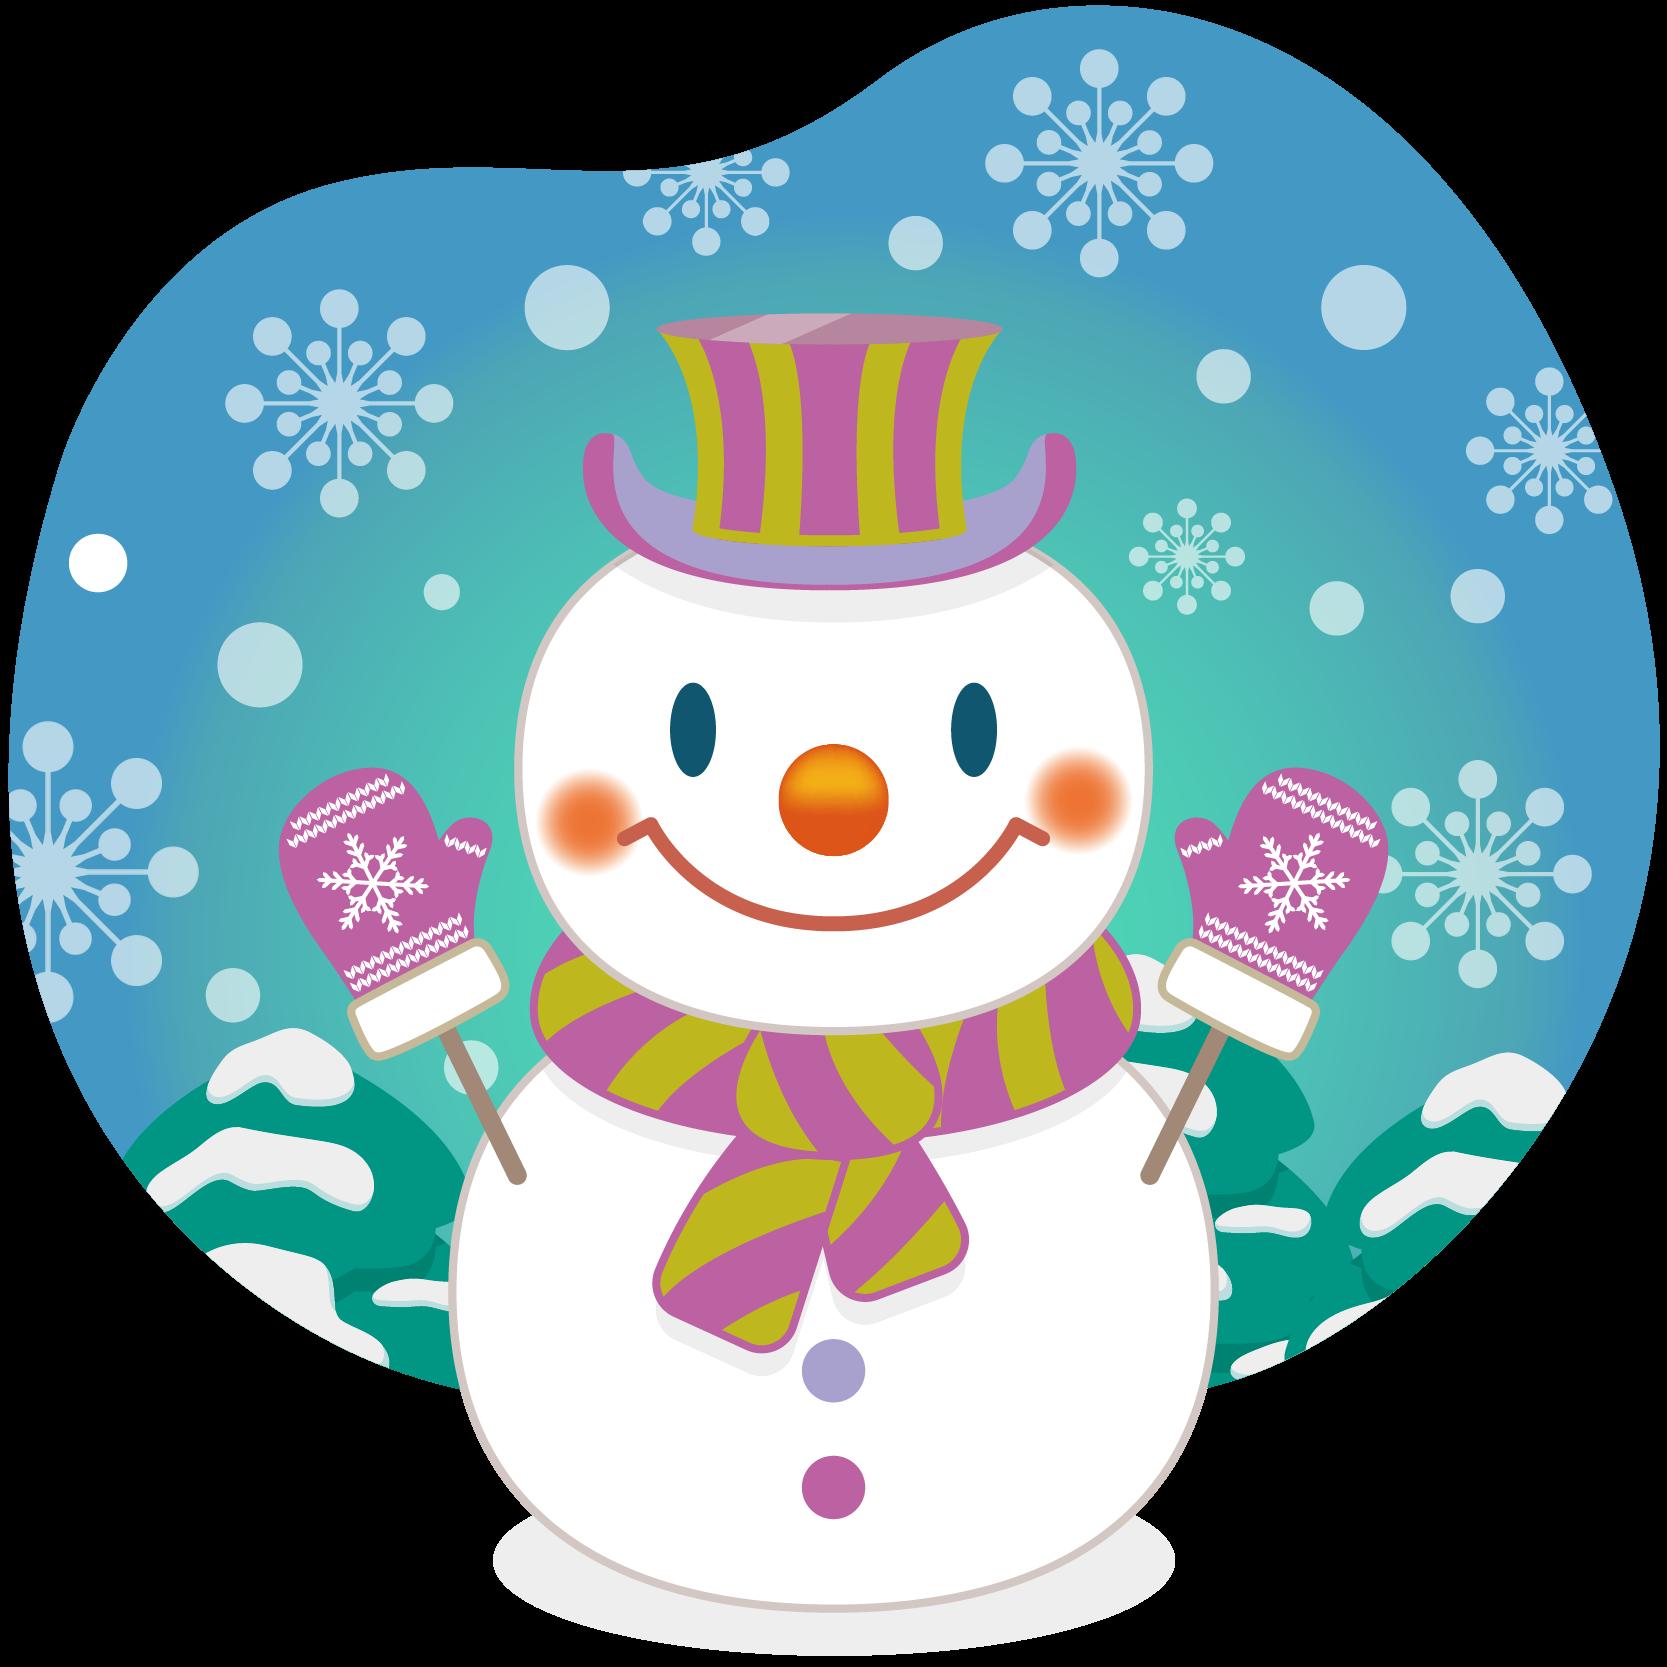 商用フリー 無料イラスト クリスマス スノーマン 雪だるま 雪背景 Snowman 007 商用ok フリー素材集 ナイスなイラスト